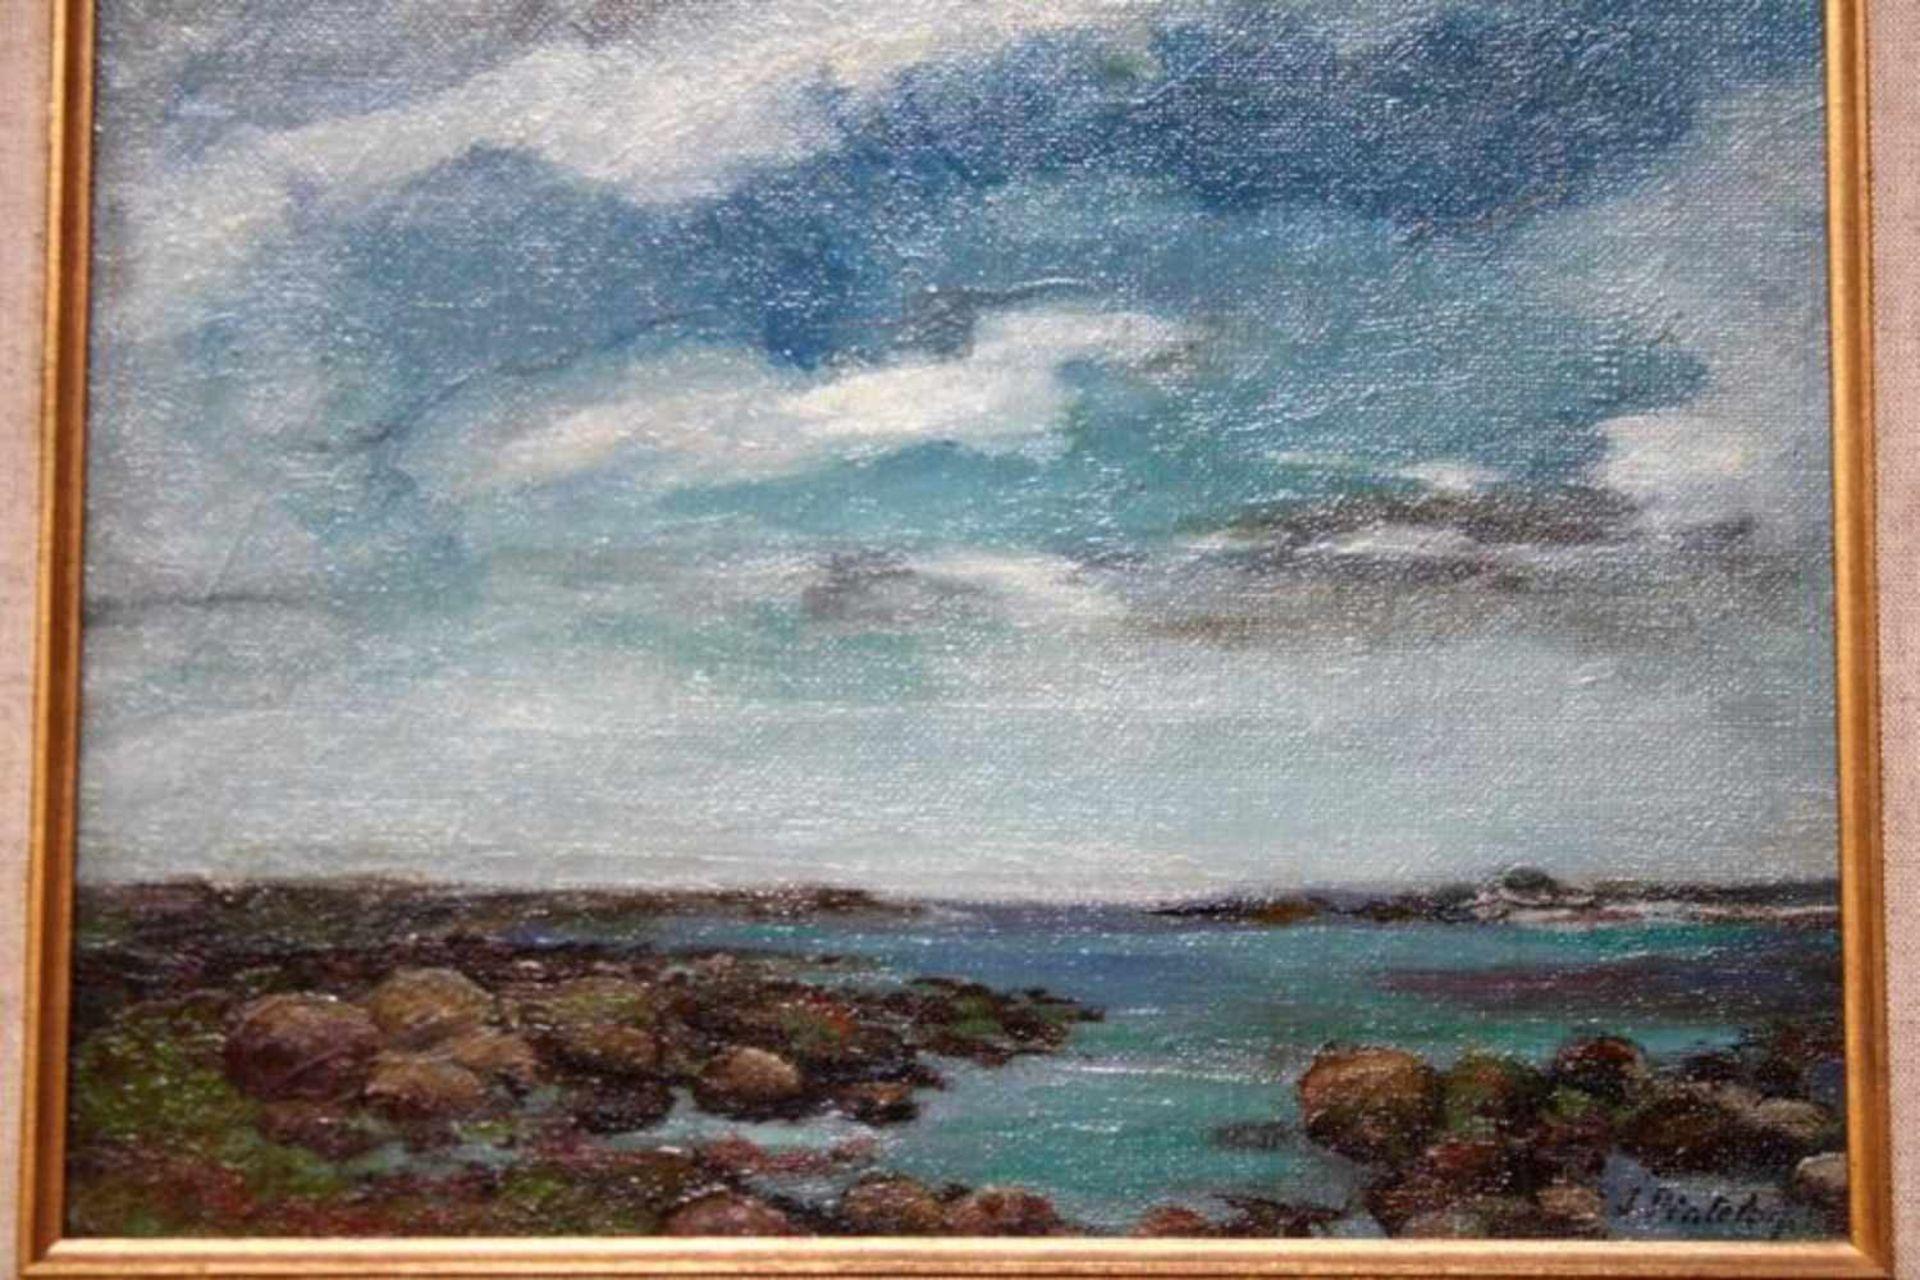 'Kustgebied' schilderij op paneel, gesigneerd, 26x35cm. (Classical painting, on board, signed)